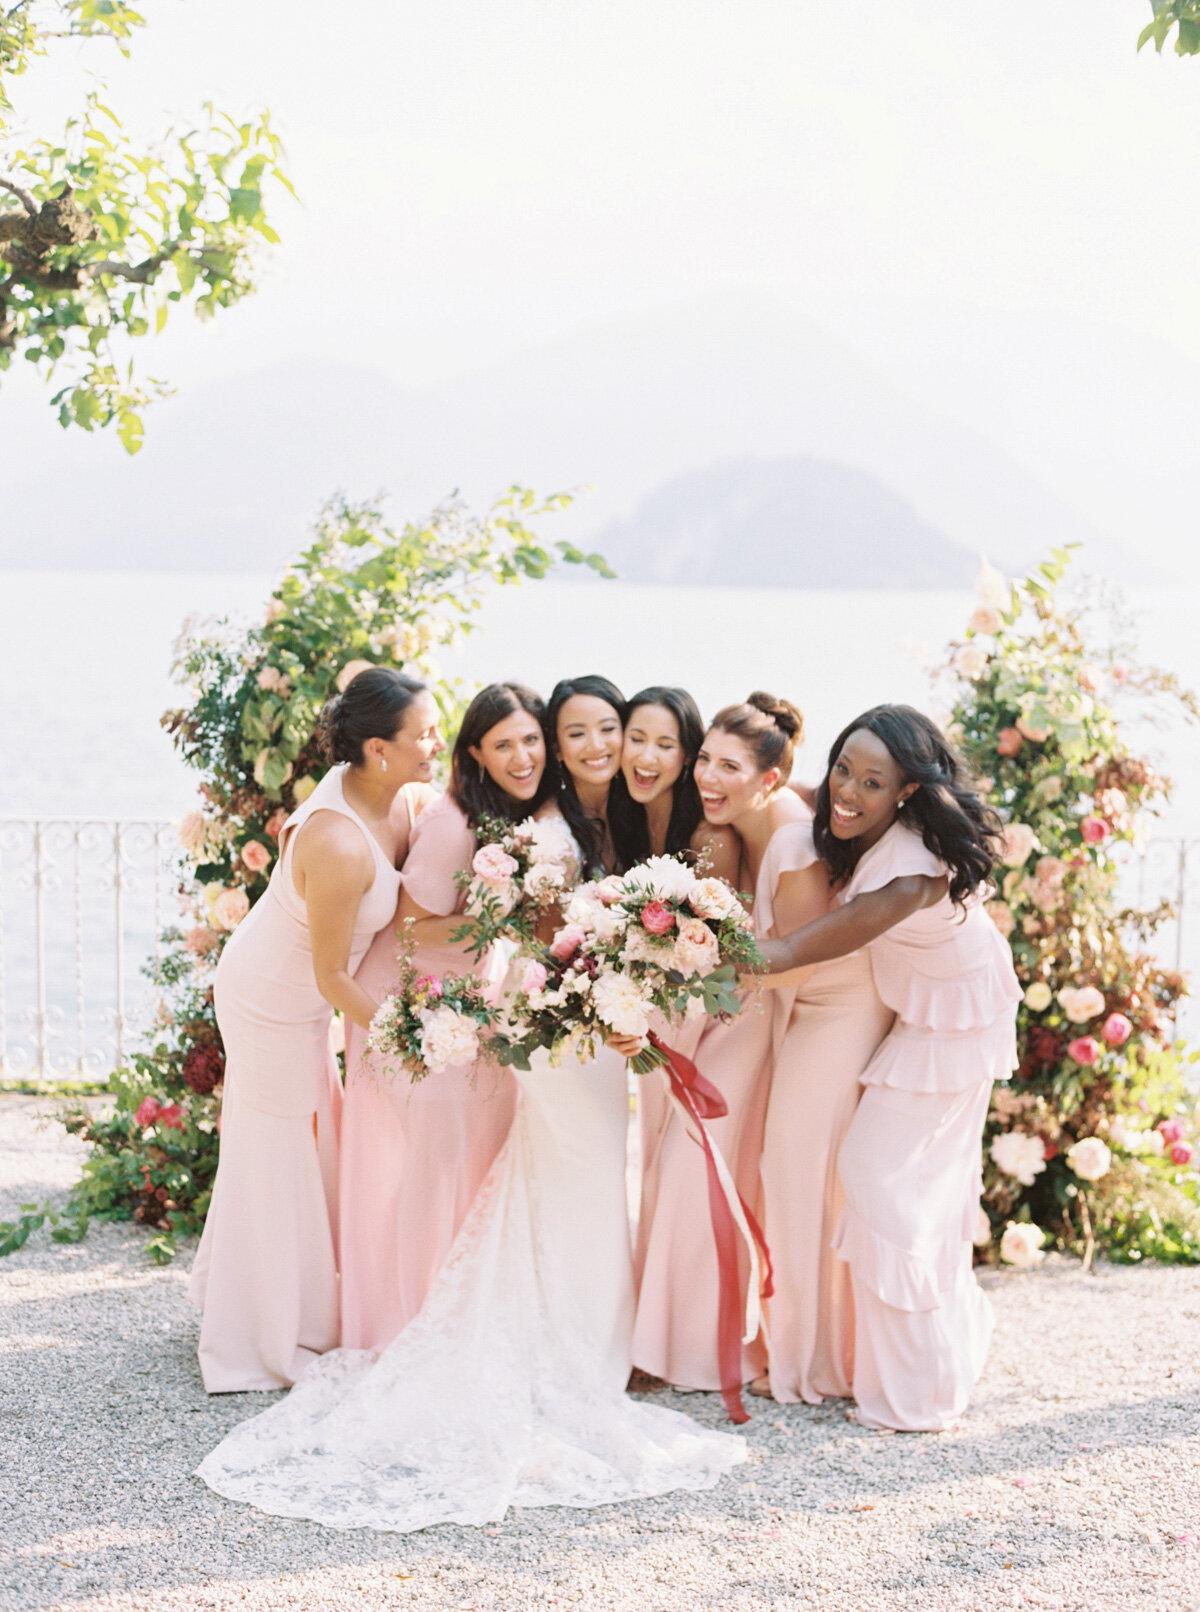 Lake-Como-Villa-Cipressi-Wedding-Katie-Grant-destination-wedding (60 of 93).jpg